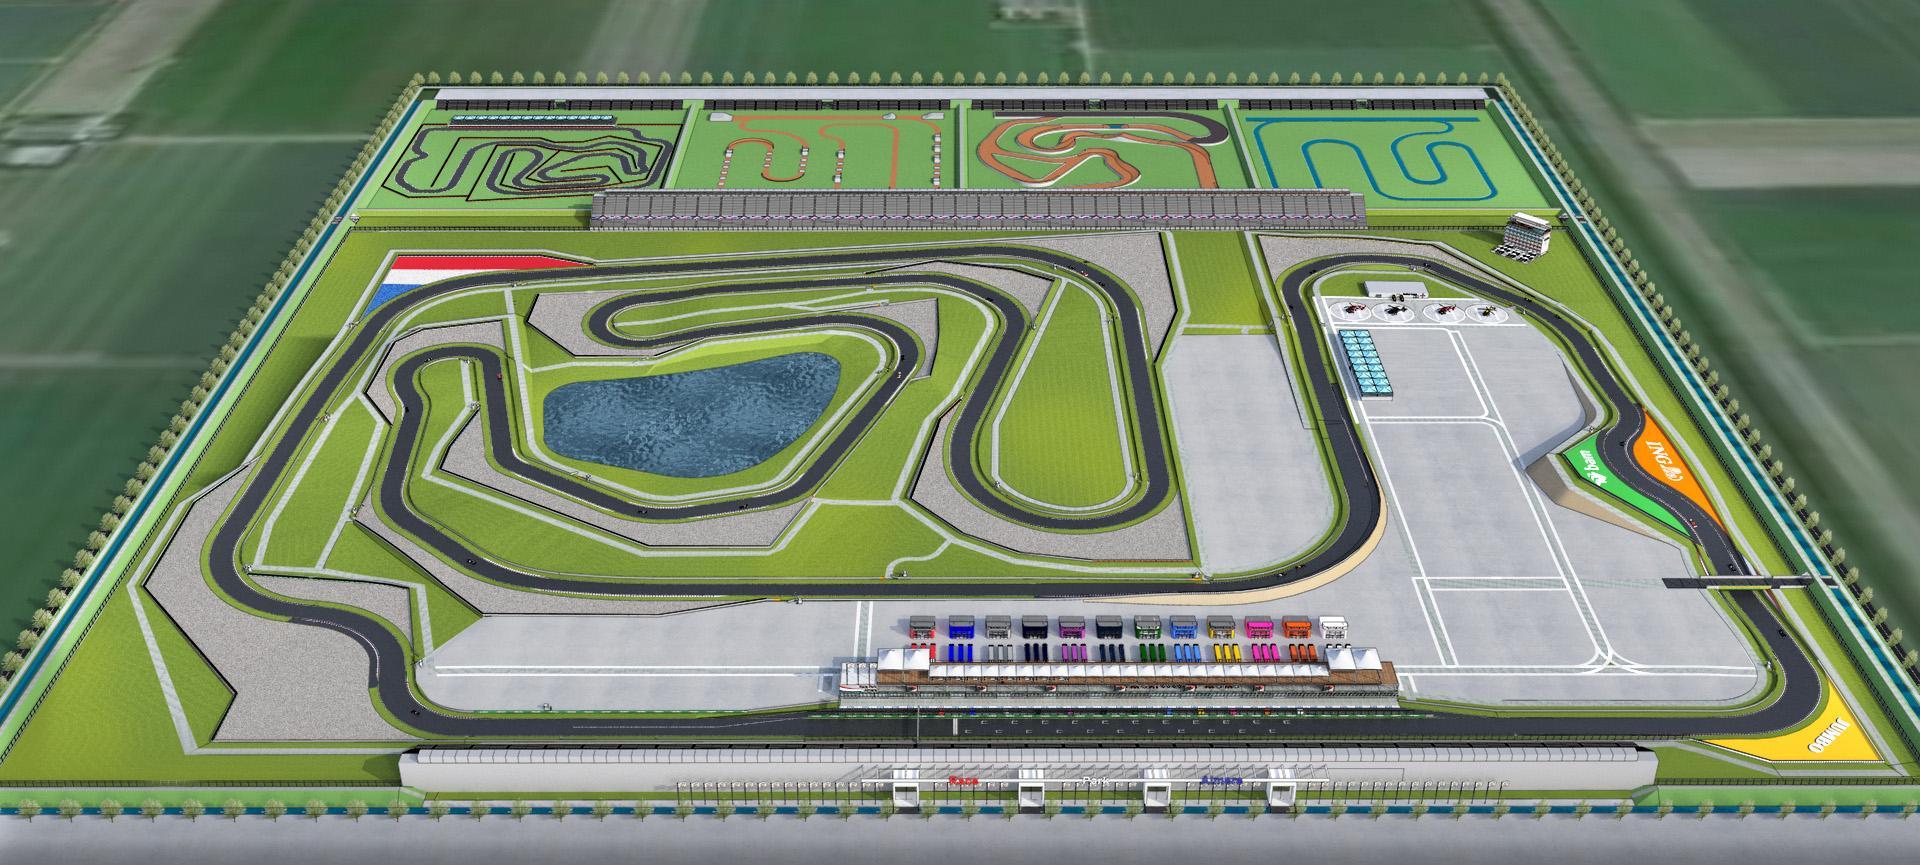 formule 1 in nederland